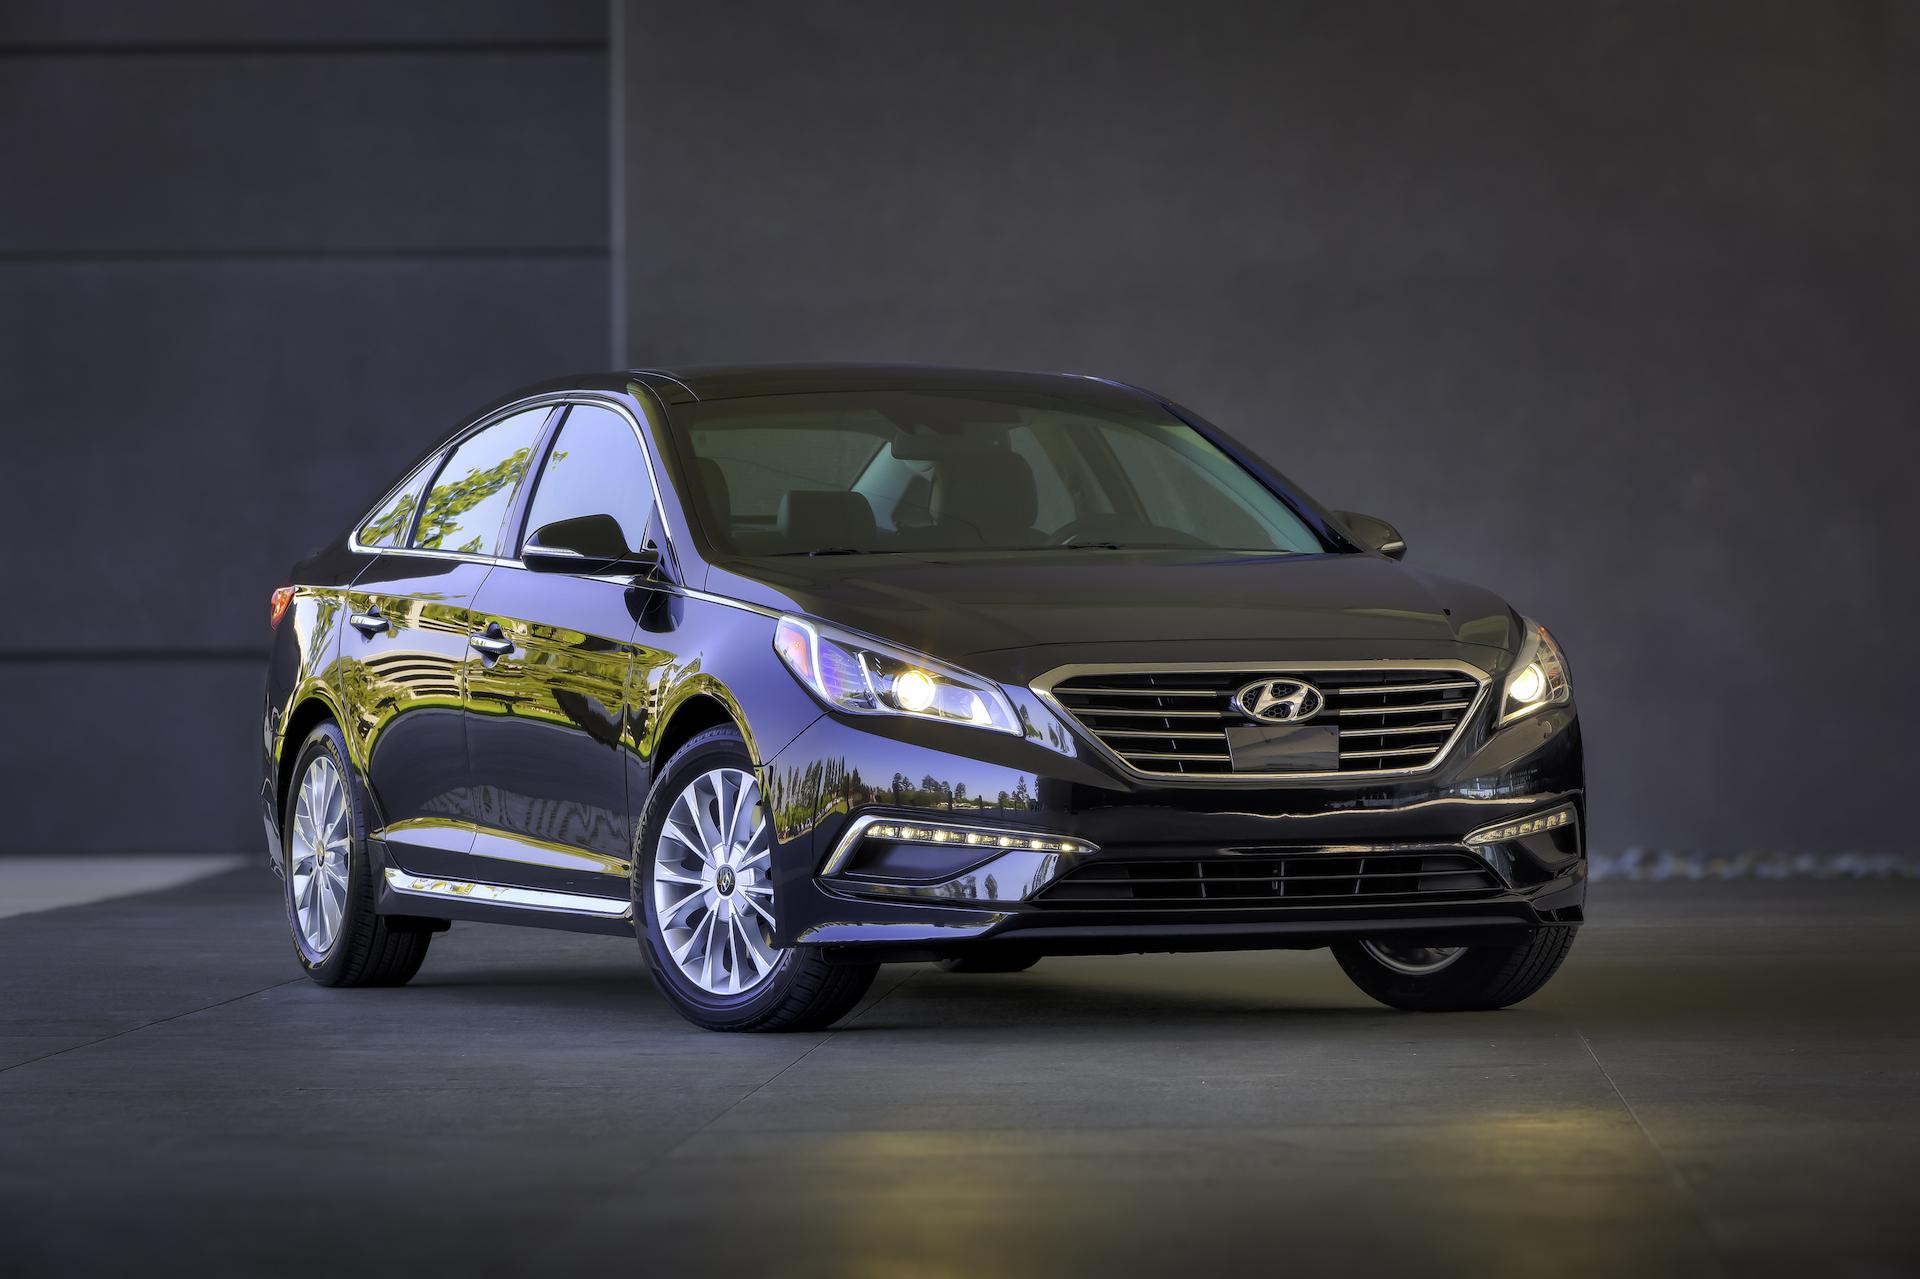 2015 hyundai sonata limited review car reviews - 2015 Hyundai Sonata Limited Review Car Reviews 22